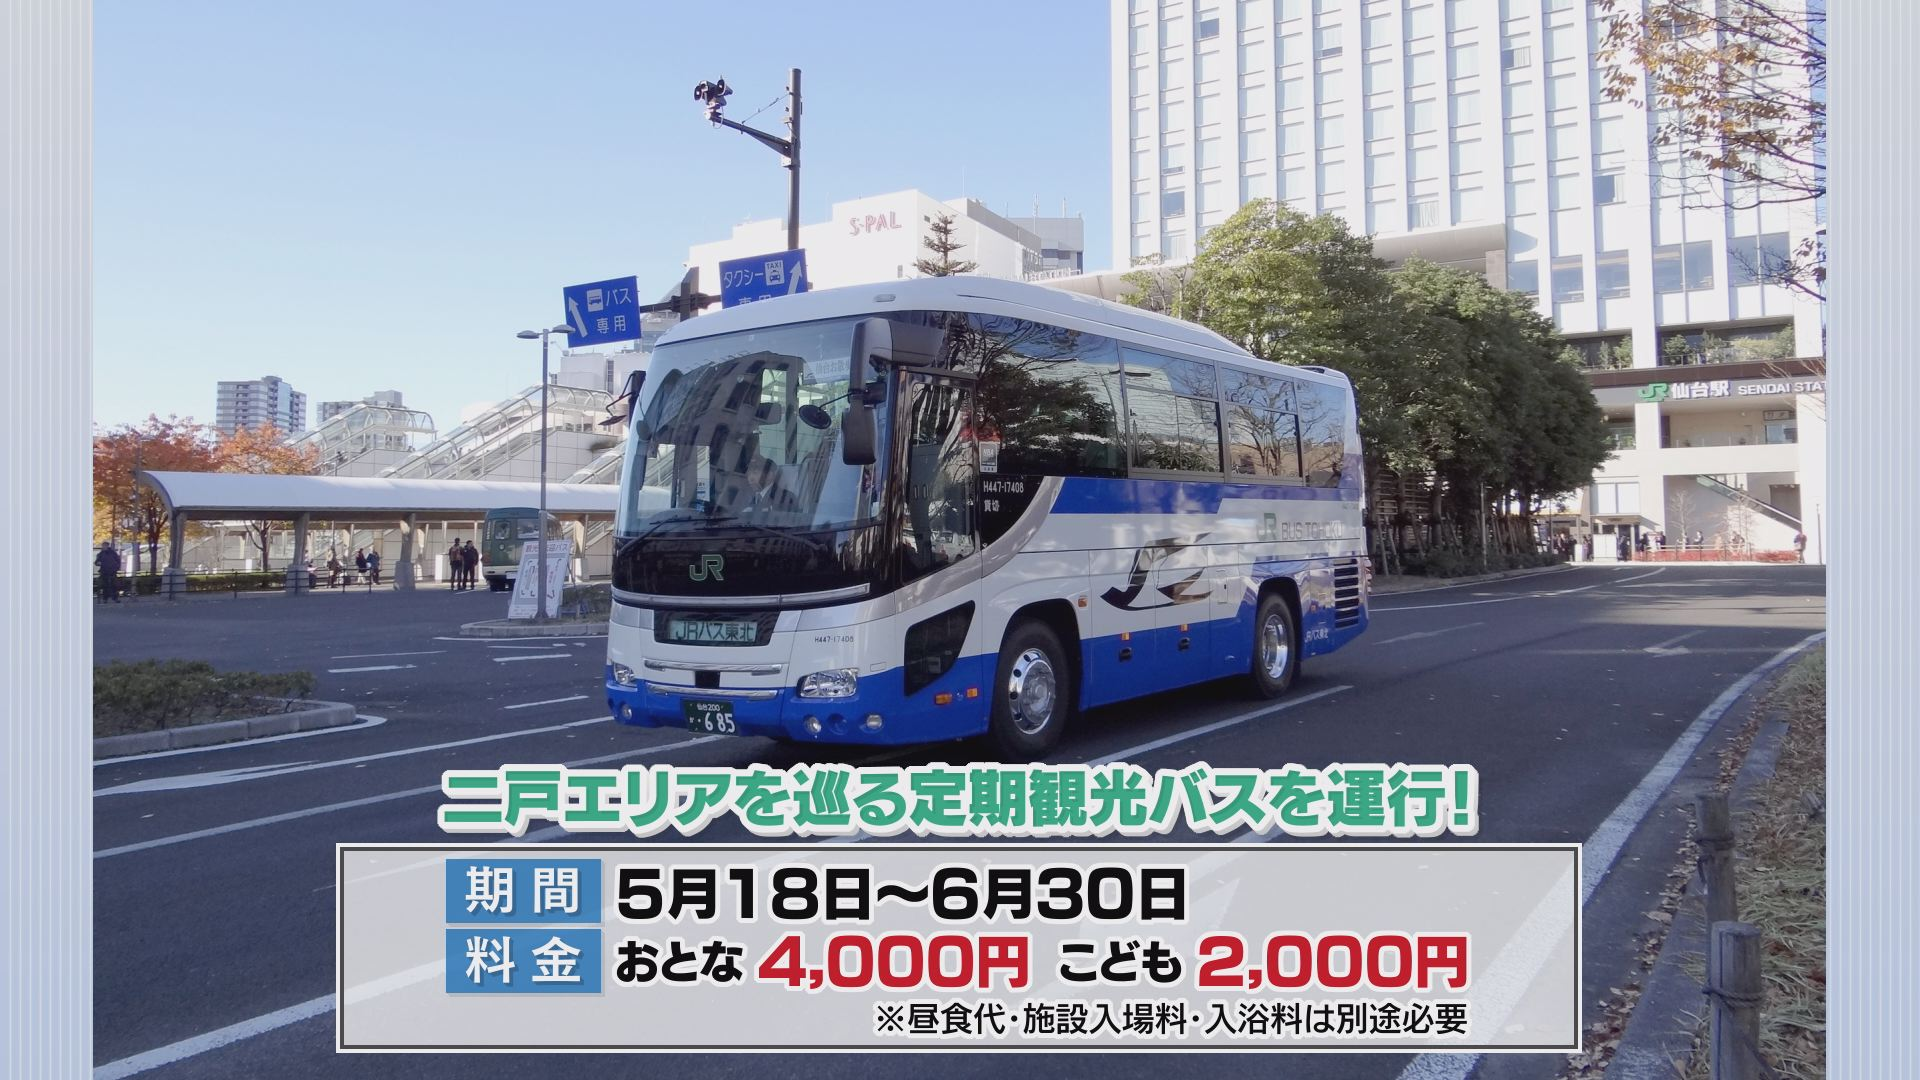 定期観光バス運行直前!二戸エリア情報